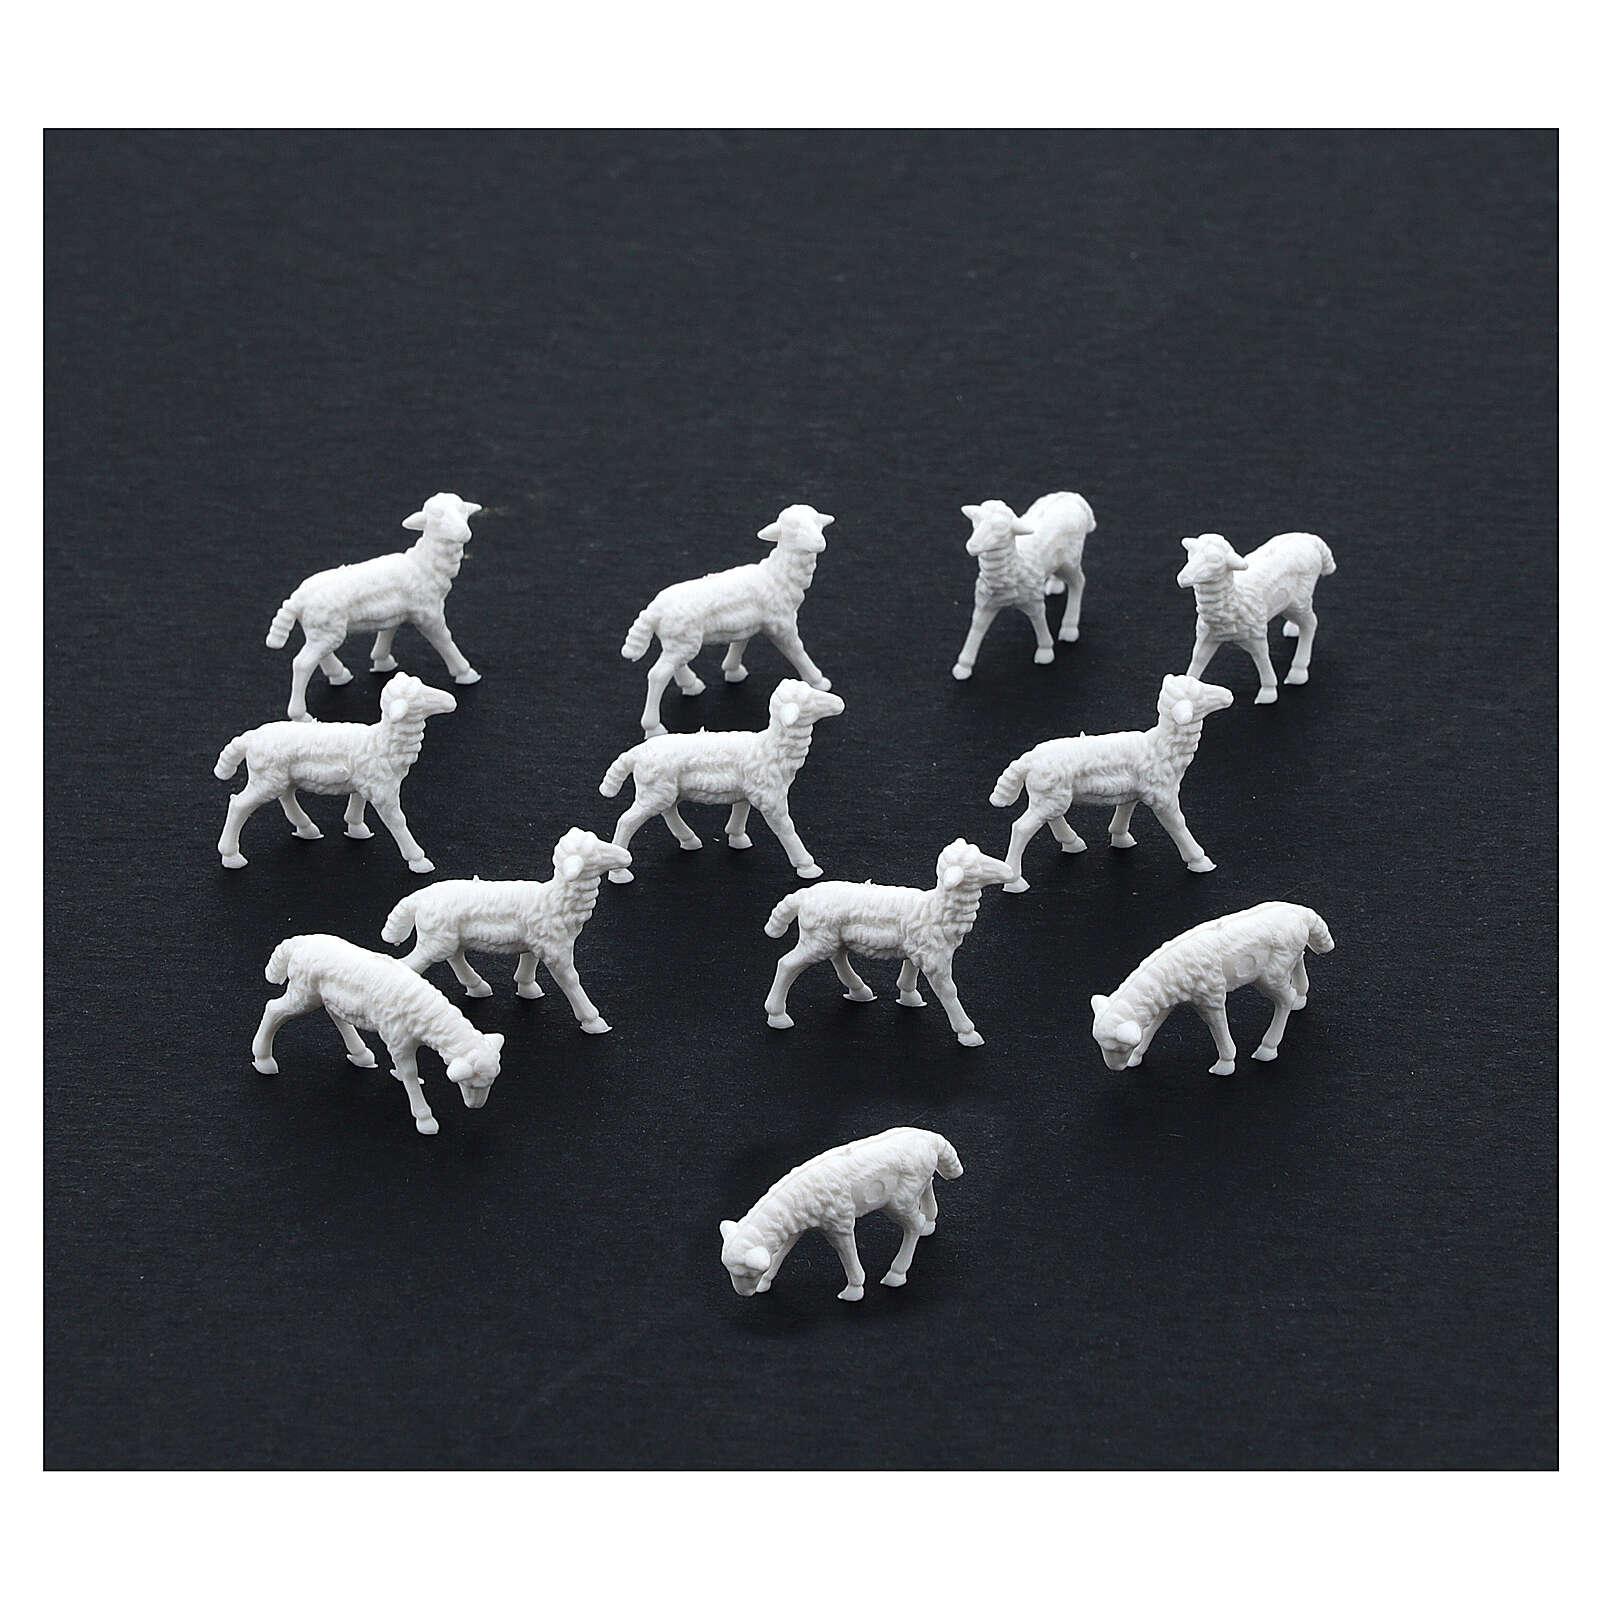 White Sheep 1.1 x 2 cm, 12 pcs set 3